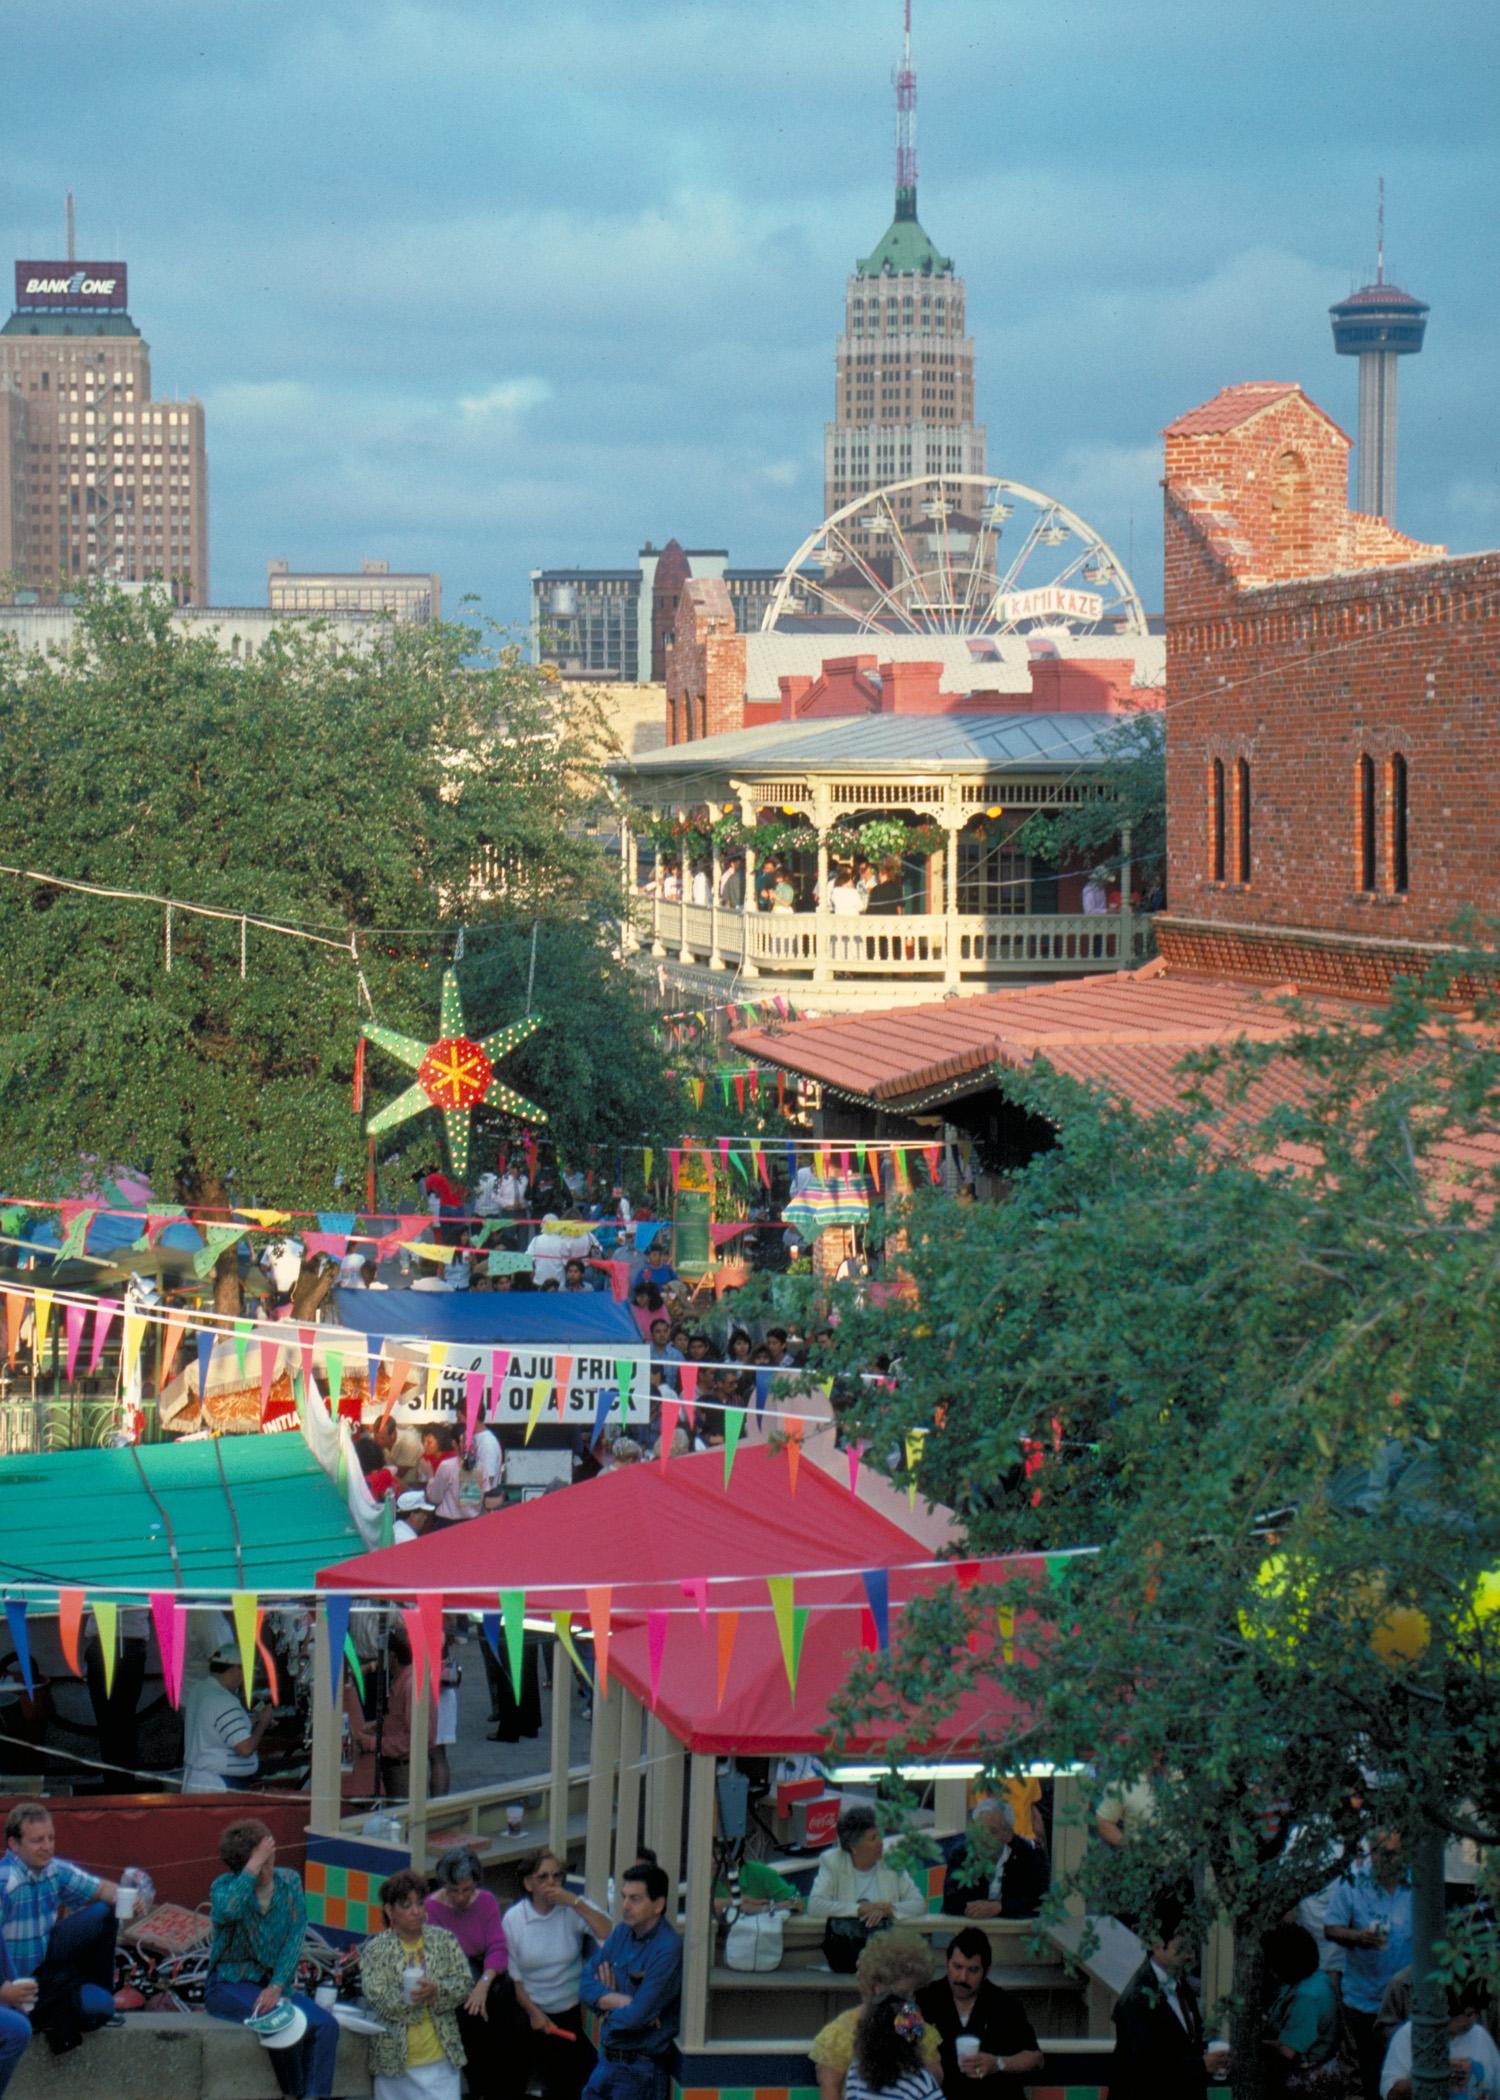 Fiesta-Market Square - Bill Reaves.jpg